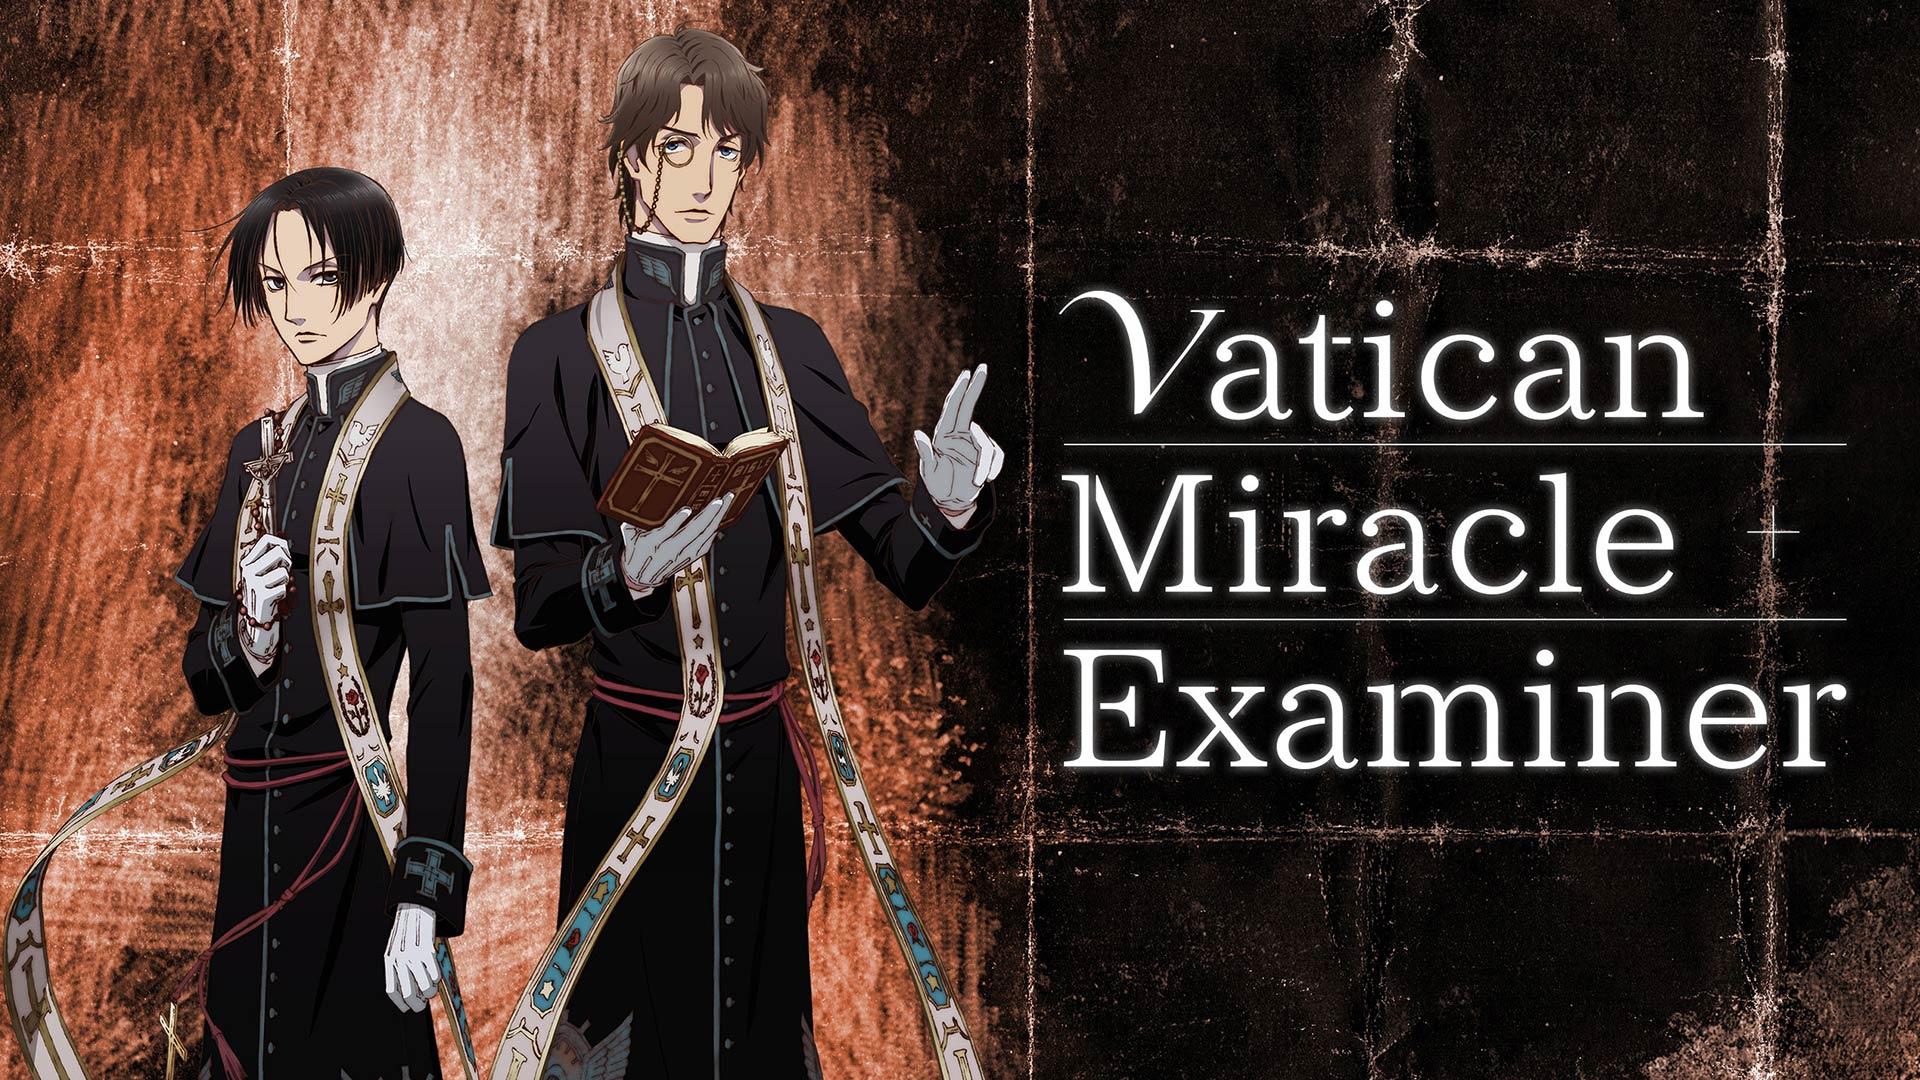 Vatican Miracle Examiner - Season 1